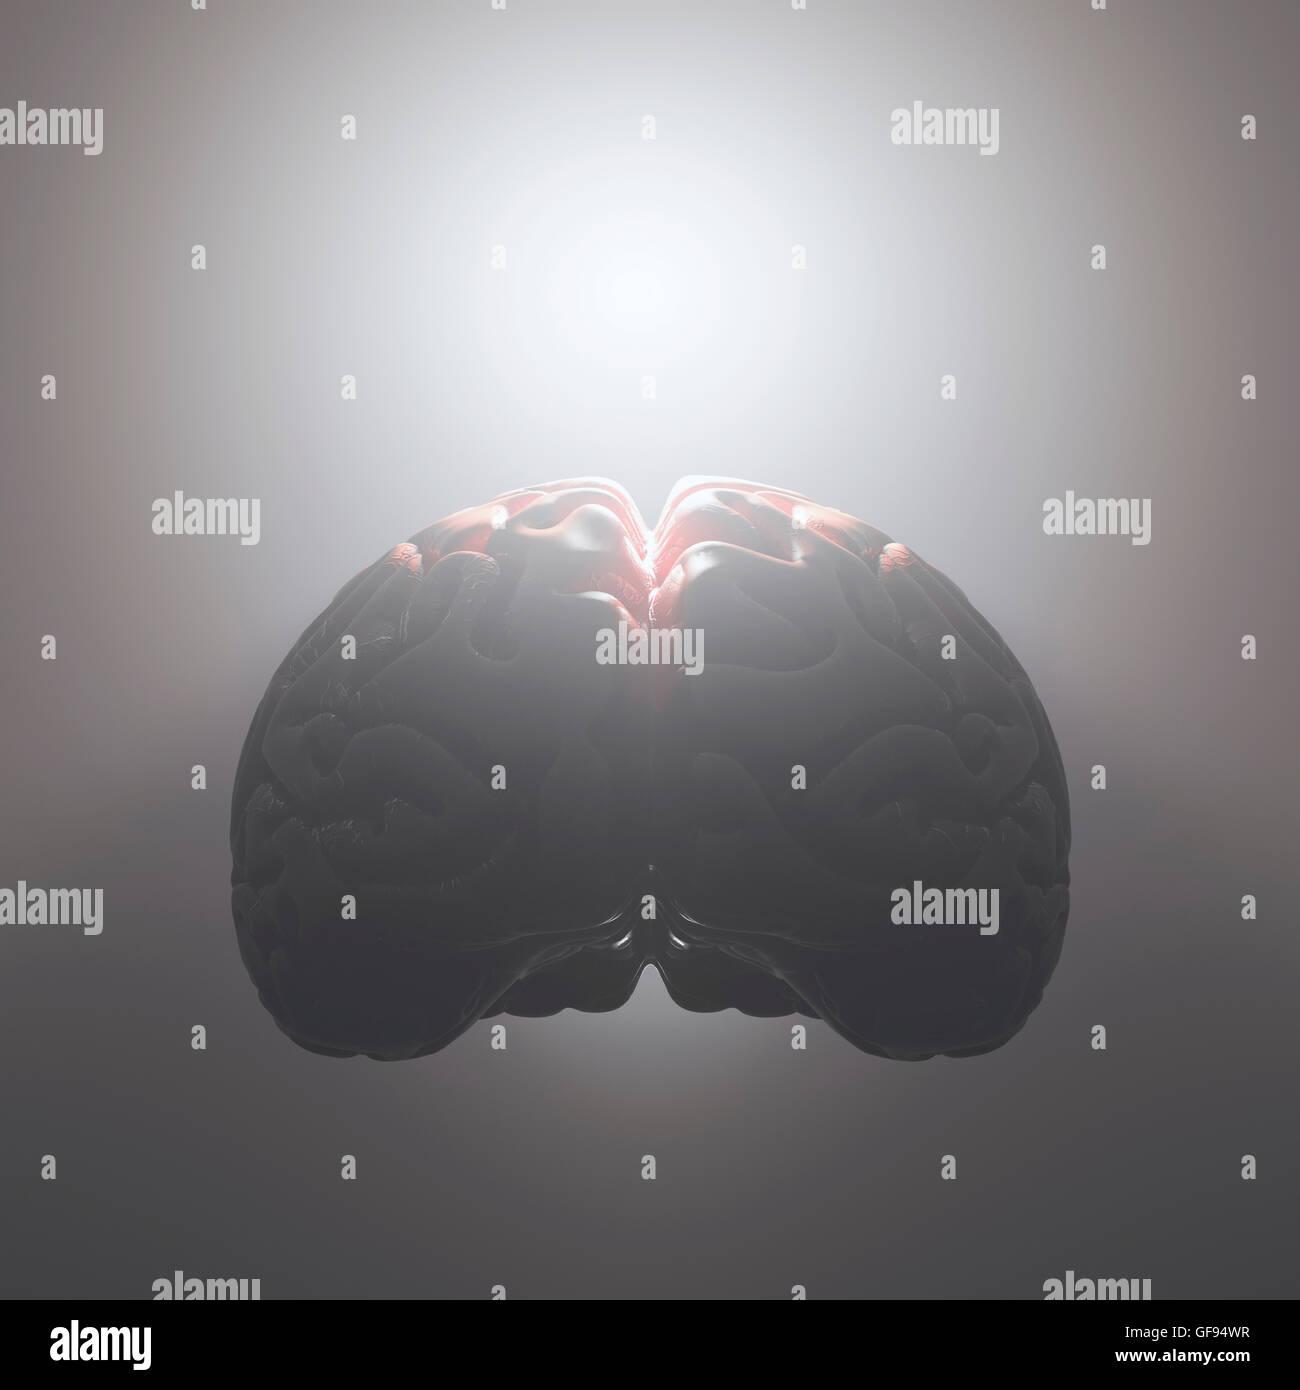 Cerveau humain contre l'arrière-plan gris, illustration. Photo Stock